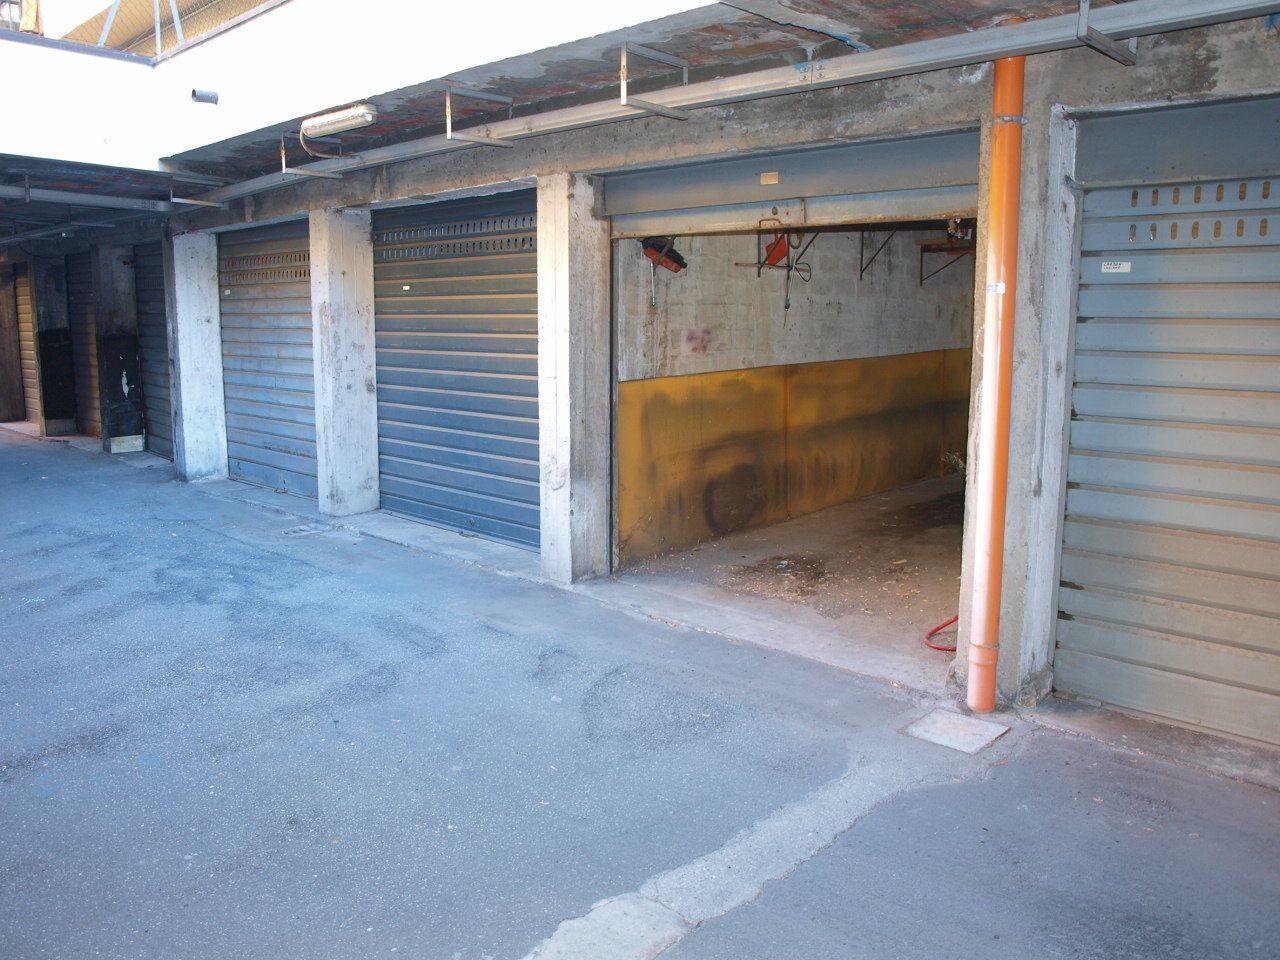 Garage posti auto a casalecchio di reno for Progettista di garage online